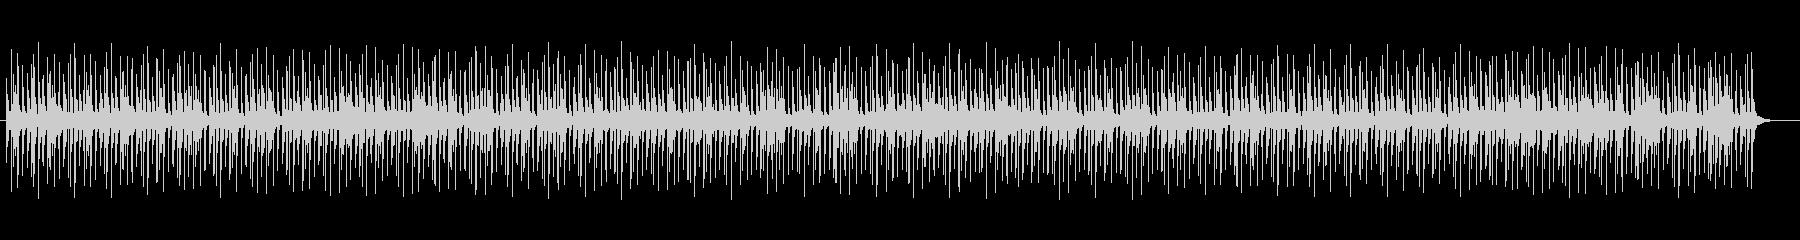 神秘的な響きシンセが特徴のポップスの未再生の波形